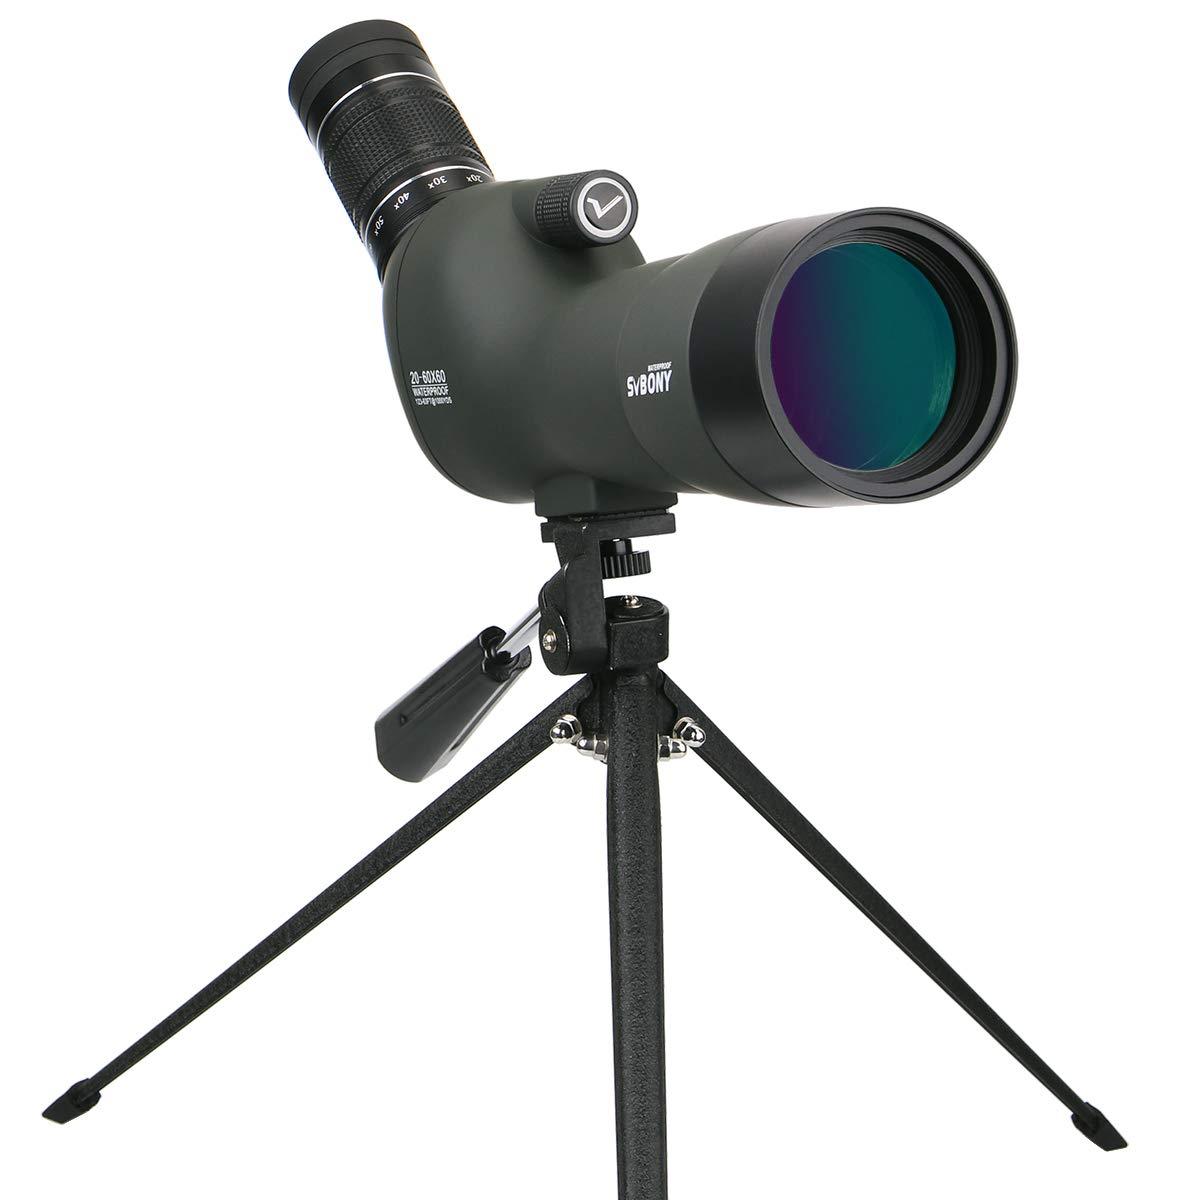 Svbony SV29 Telescopio Terrestre Impermeable de 20-60x60 Zoom Multicapa de Recubrimiento Prisma BAK4 con Trípode Ideal para Viajar Acampar y Observación de Aves (Verde del Ejército)